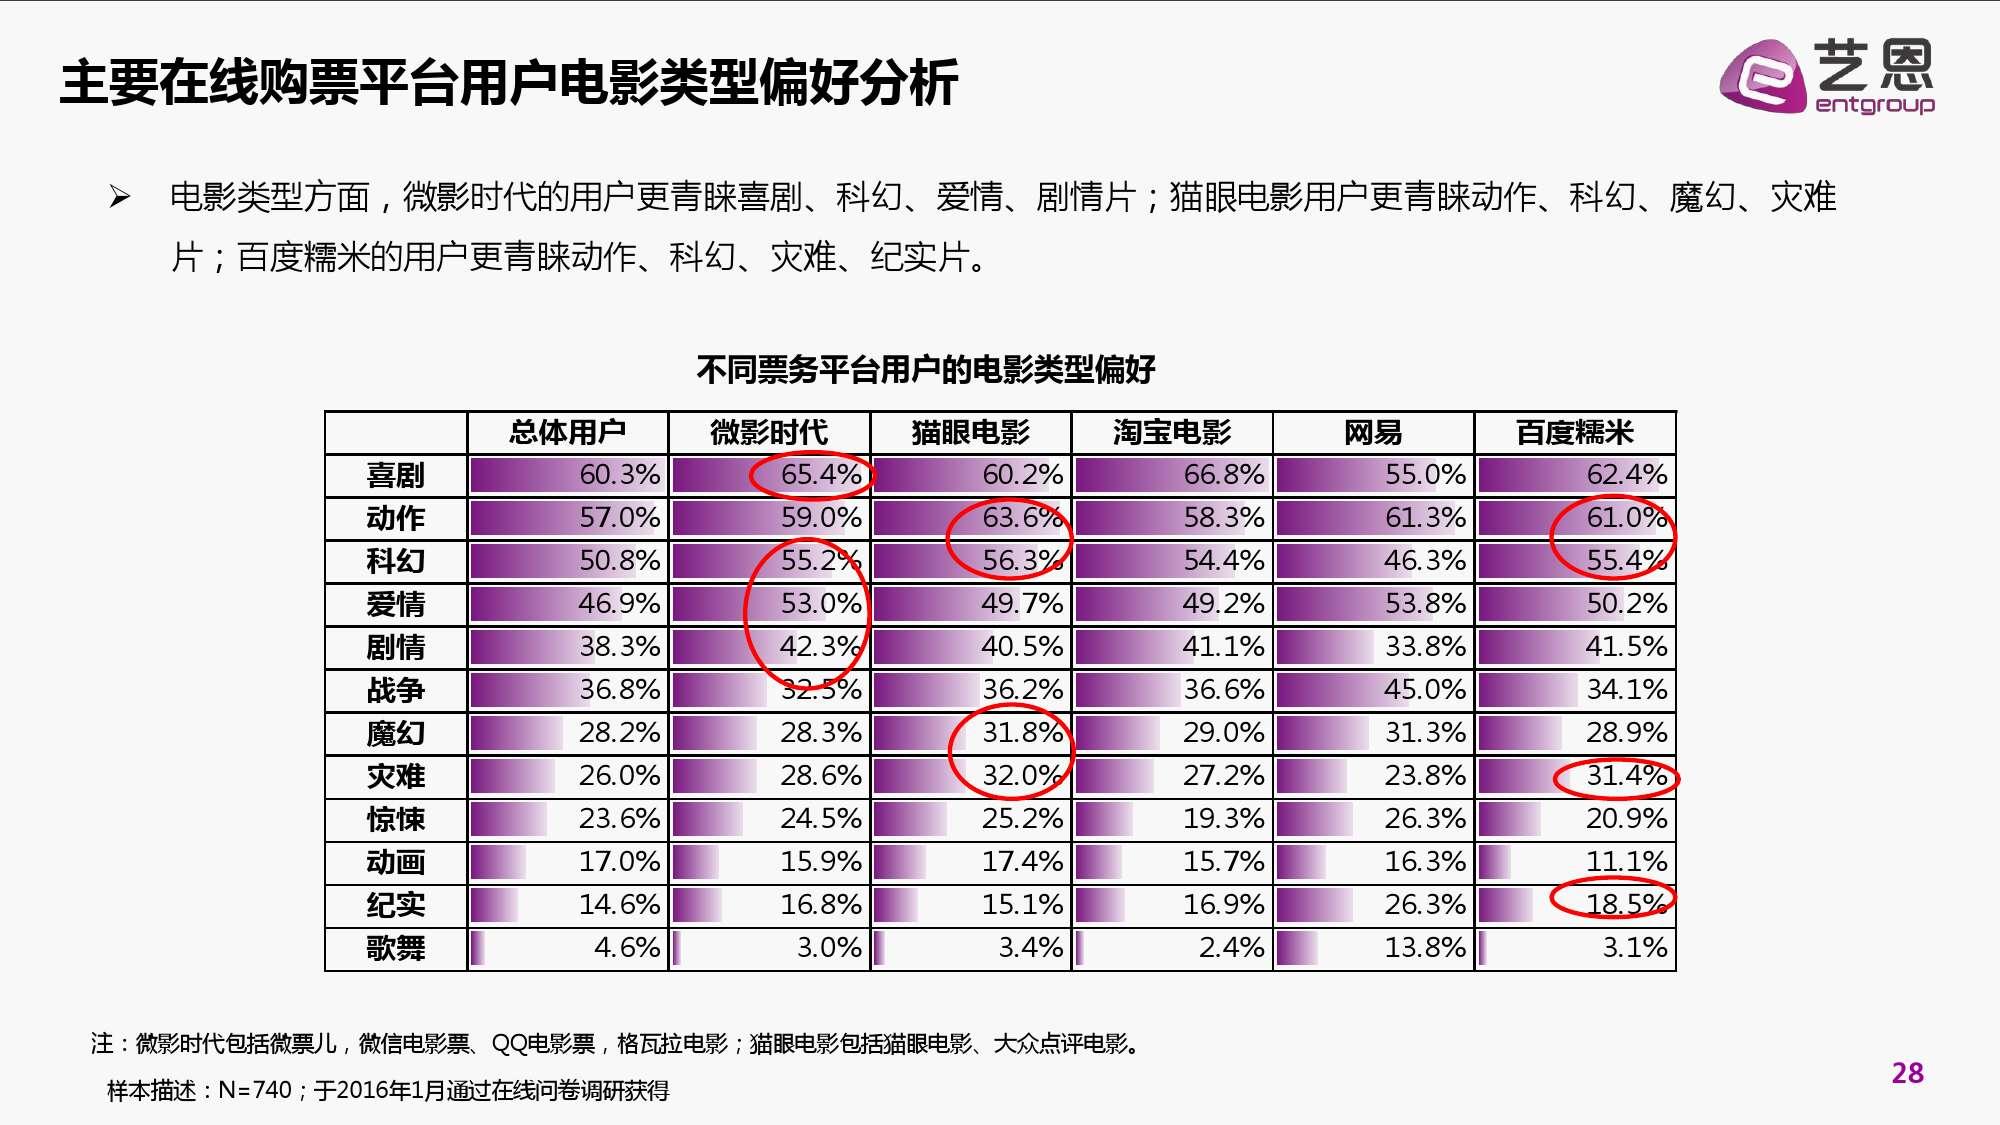 2016年中国电影在线票务市场研究报告_000028